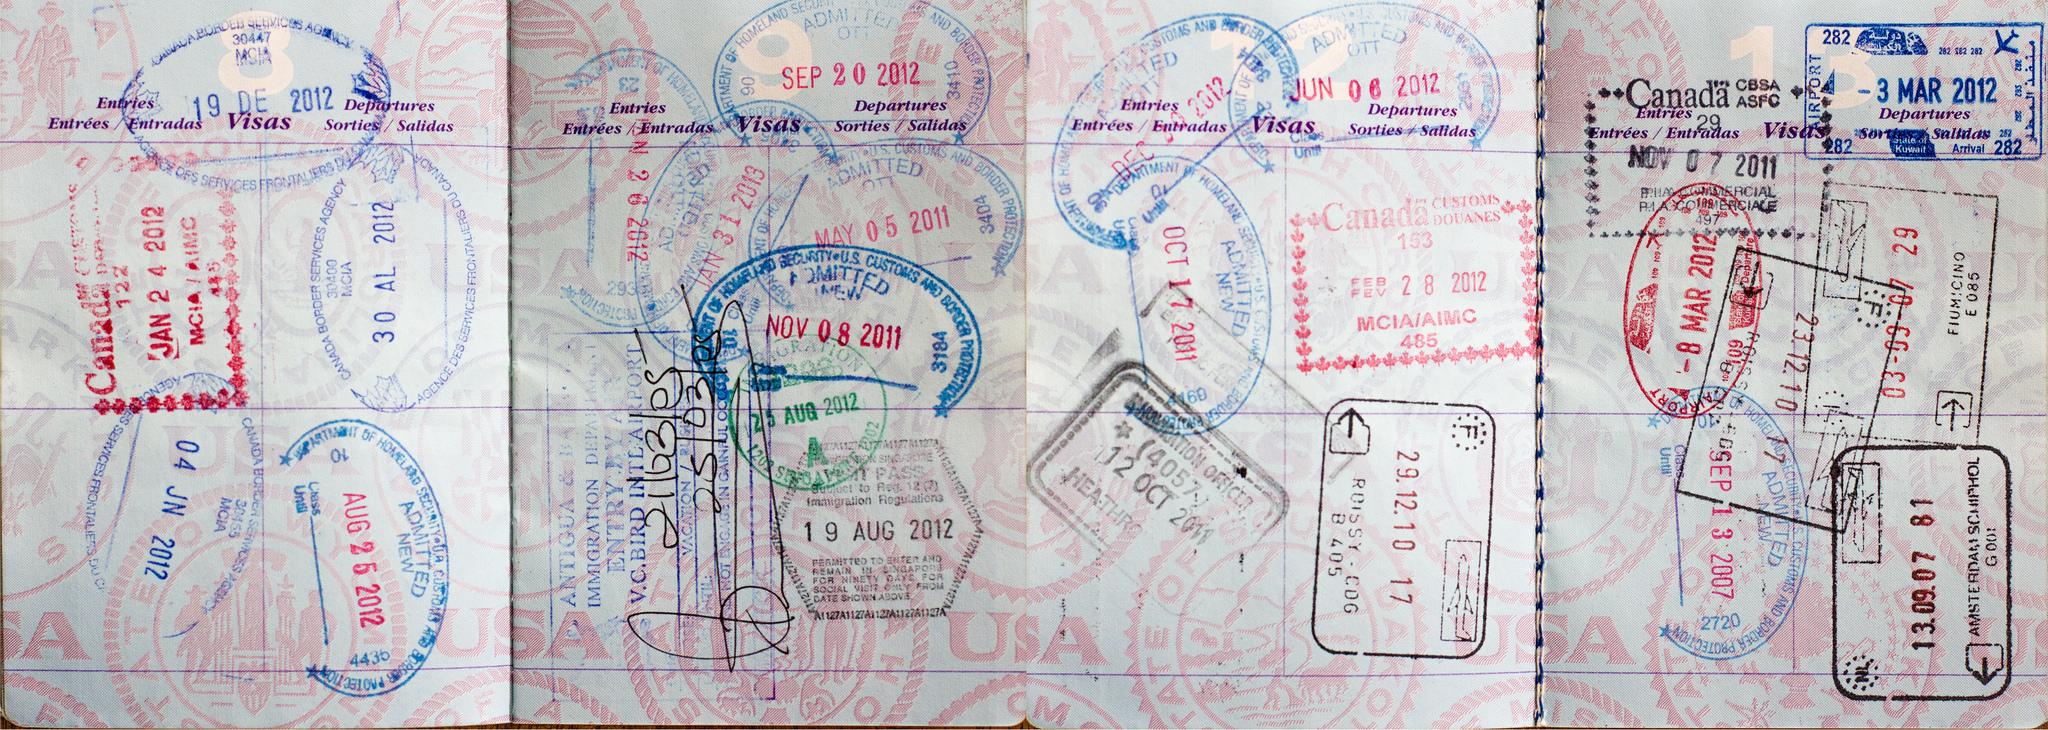 Paszport pieczątki przepisy wjazdowe